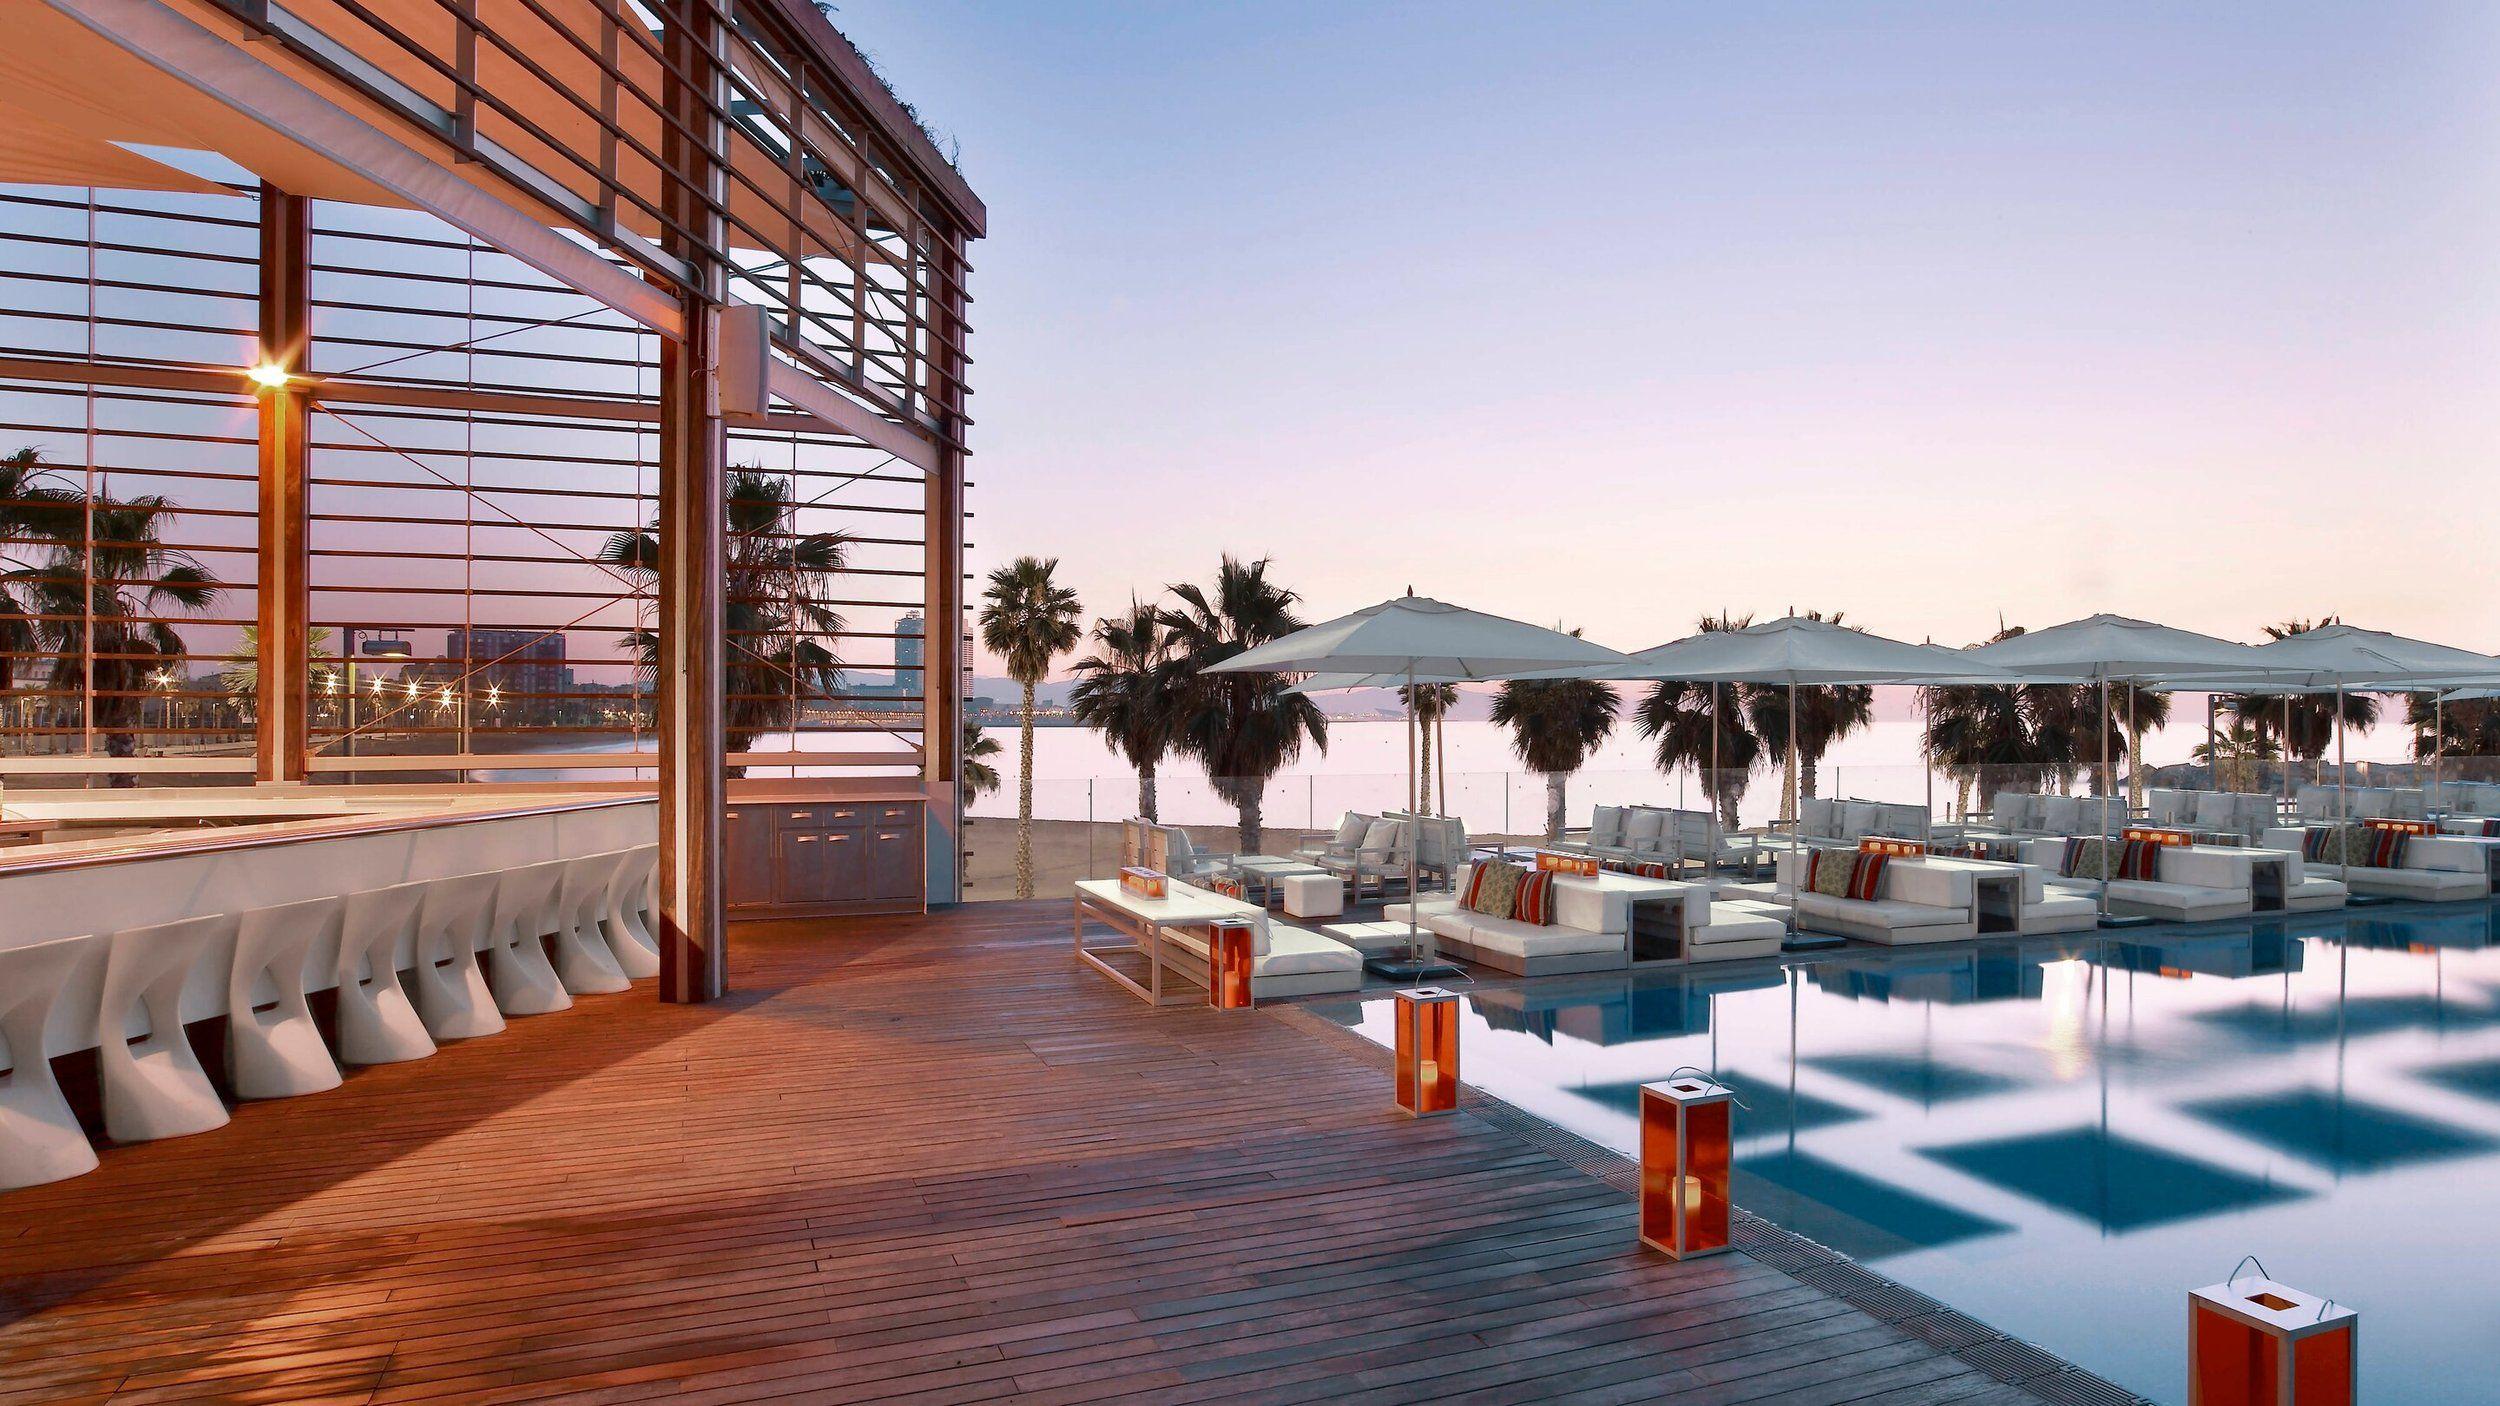 Best Rooftop Bars in Barcelona | Best rooftop bars ...